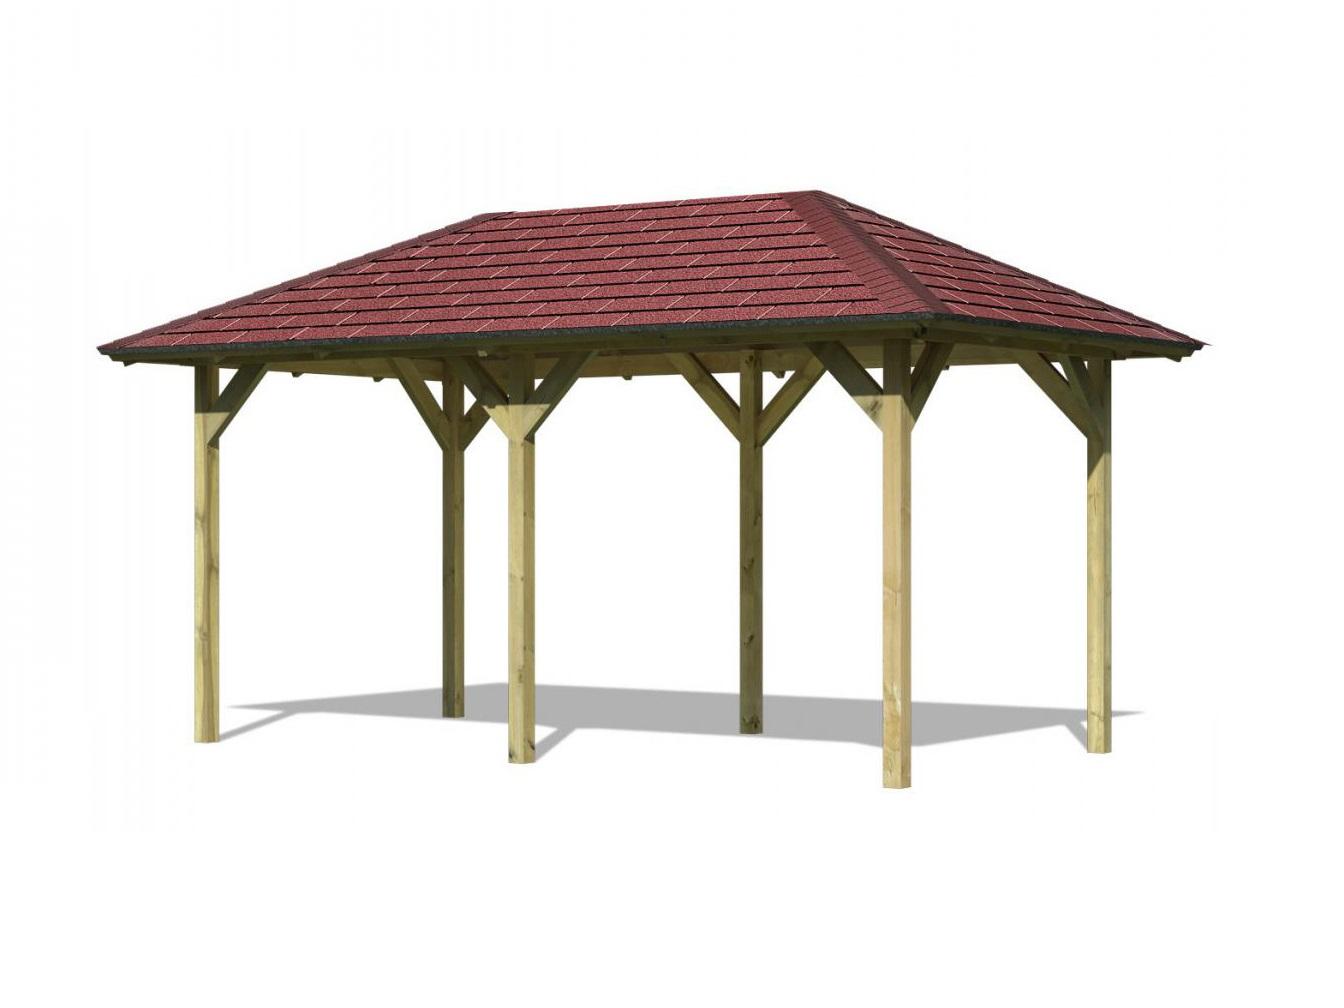 KARIBU LILLEHAMMER 2 68818  zahradní altán vč. červeného střešního šindele